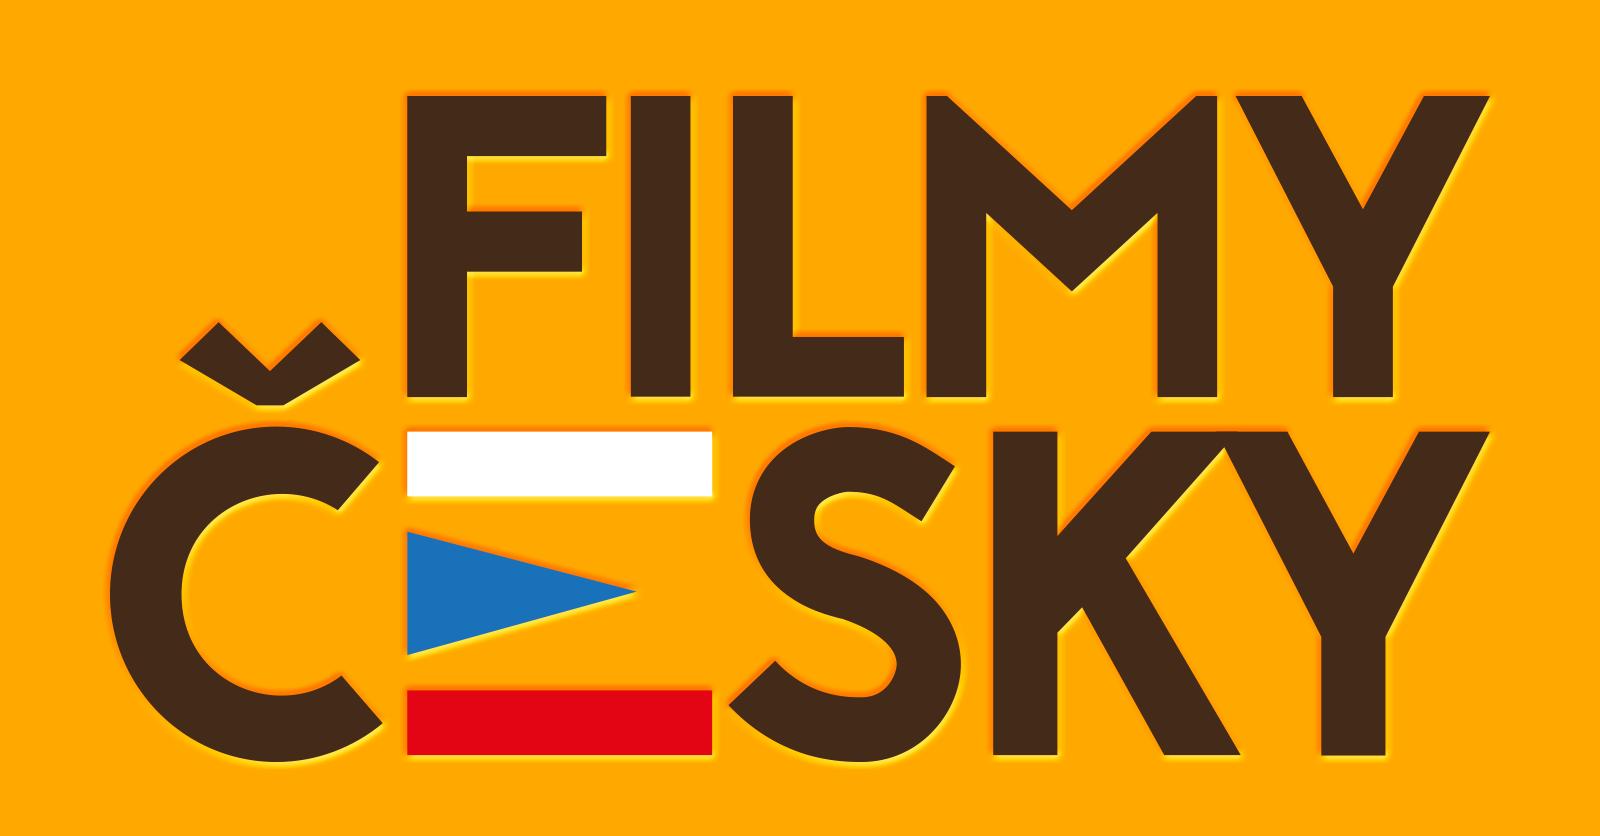 filmy česky